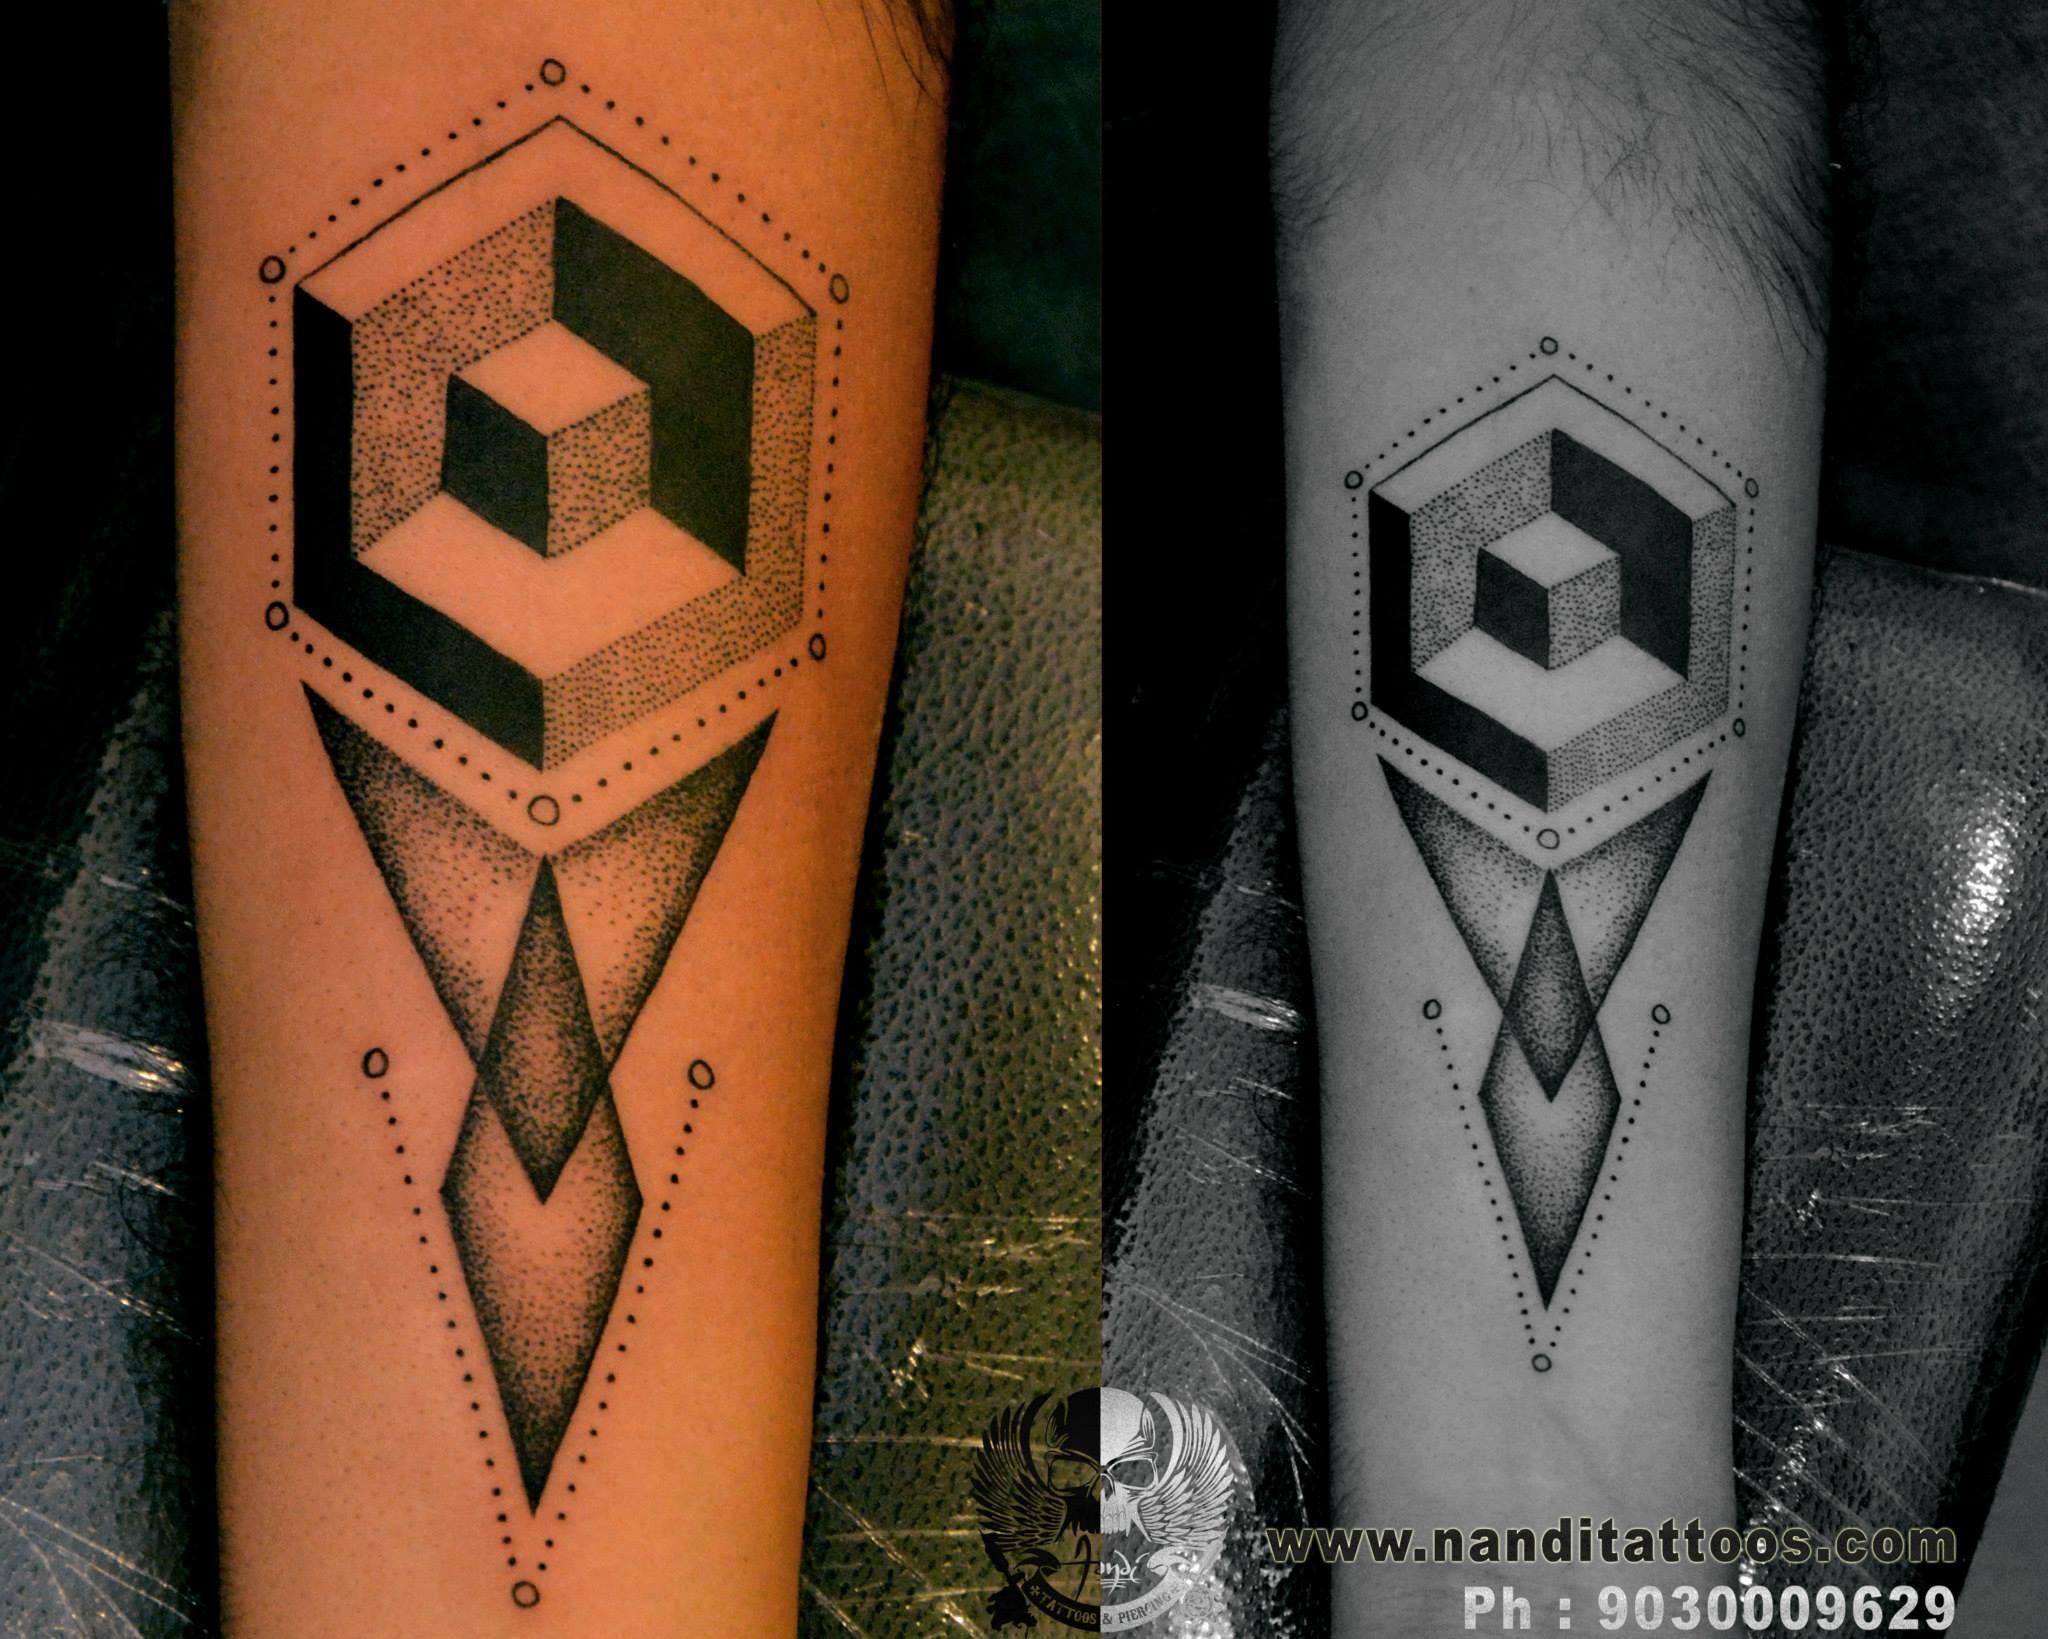 Geometric Tattoo on